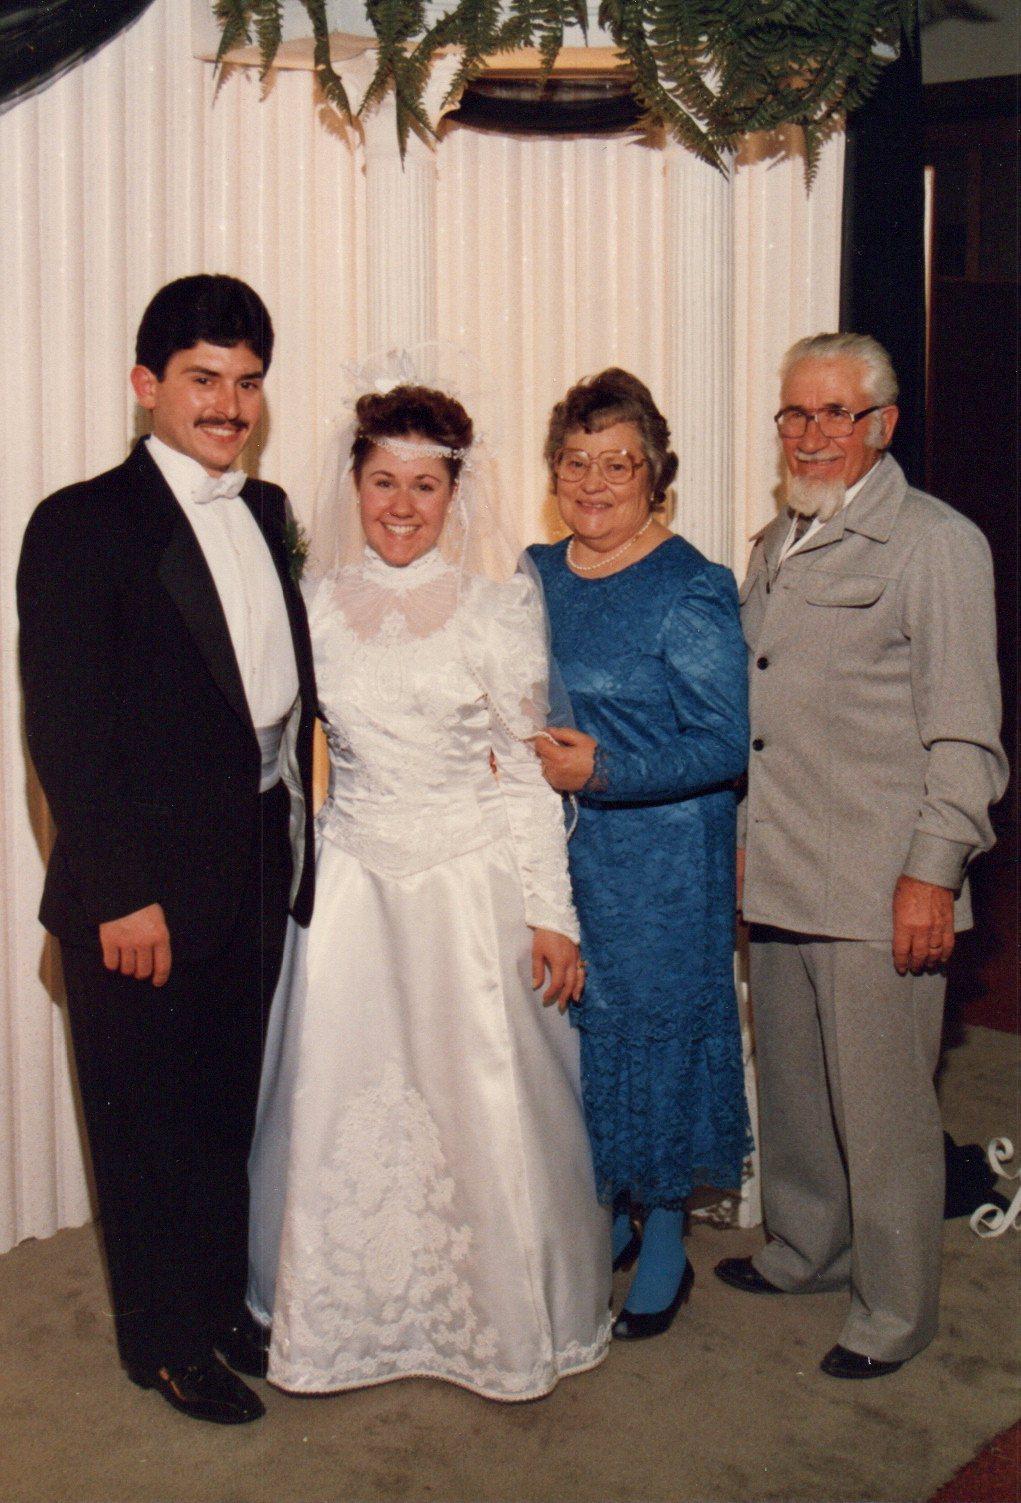 1987LeroyKelliWedding_0002.jpg